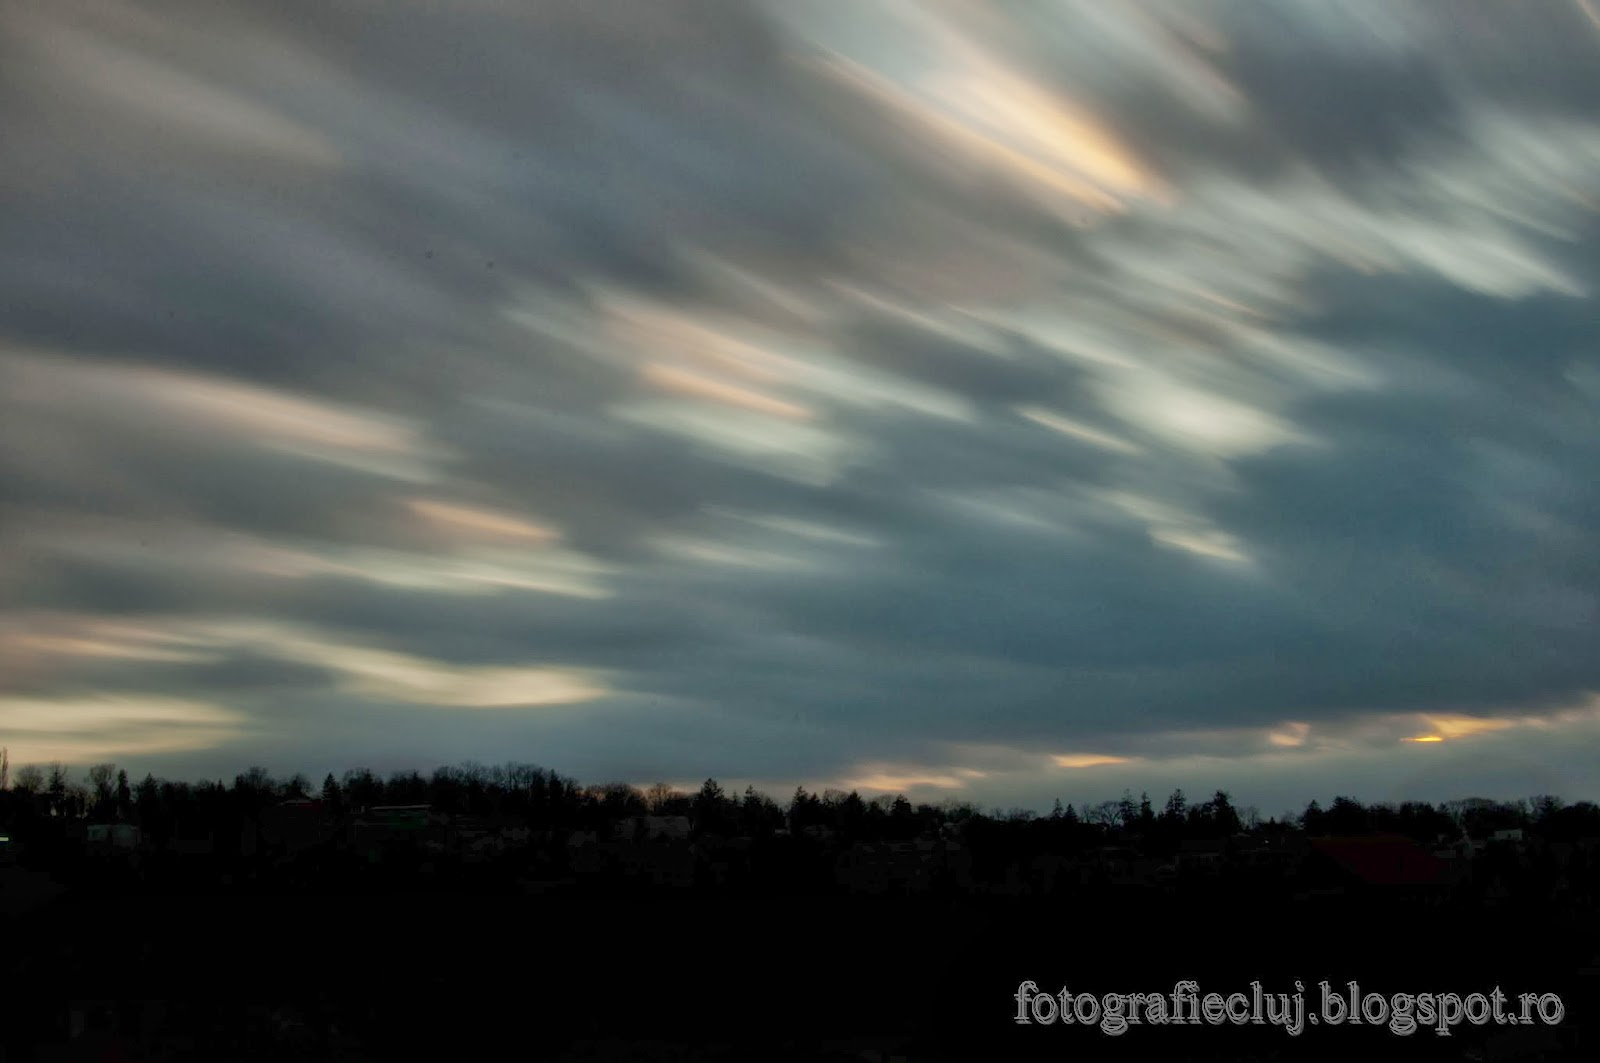 Trecerea norilor pe cer, fotografiată cu filtrul cu densitate neutră Hoya NDX400 _DSC8292